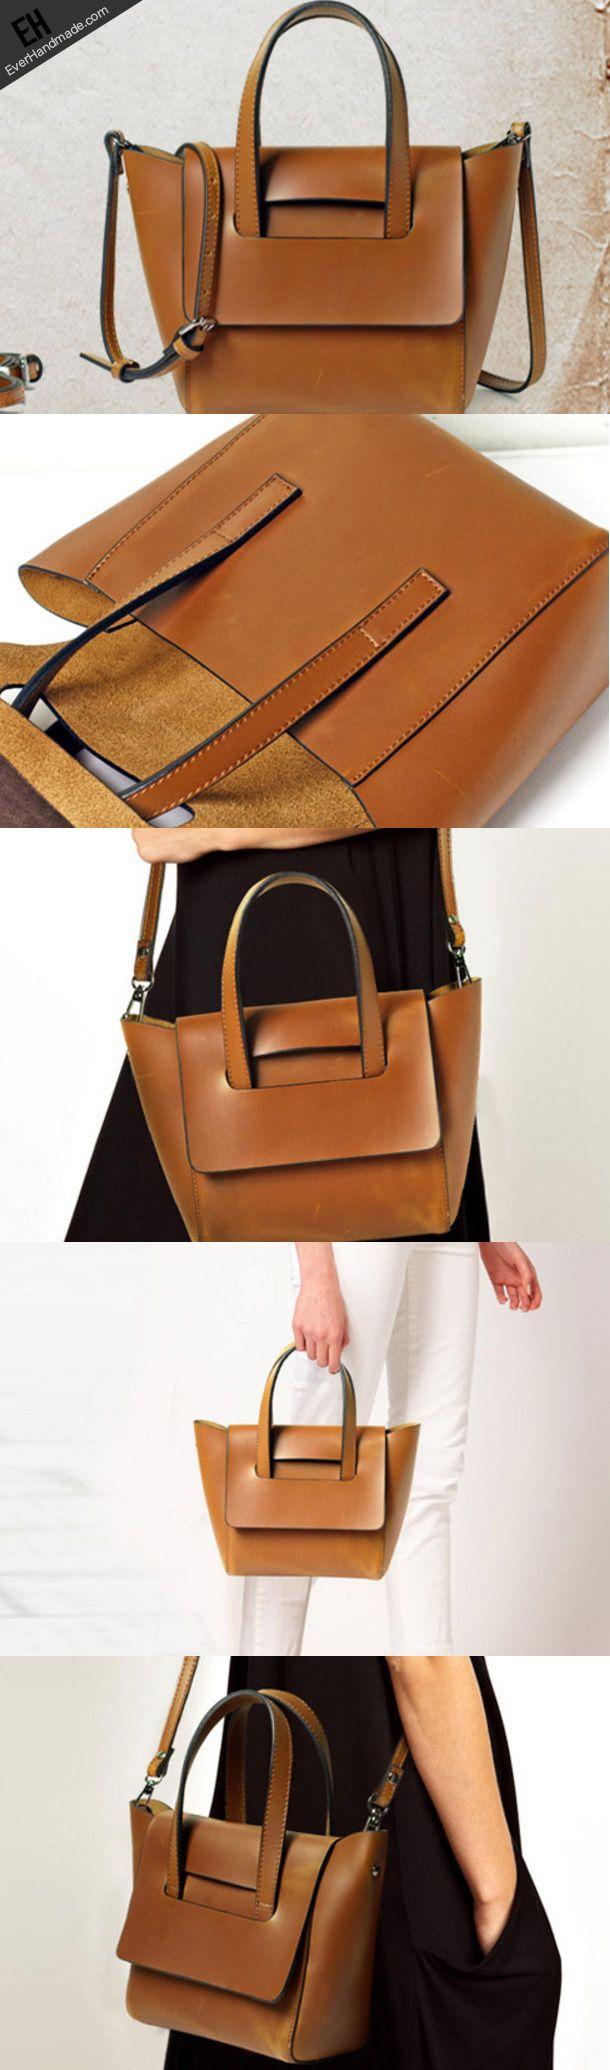 Handmade Leather handbag shoulder bag large tote for women